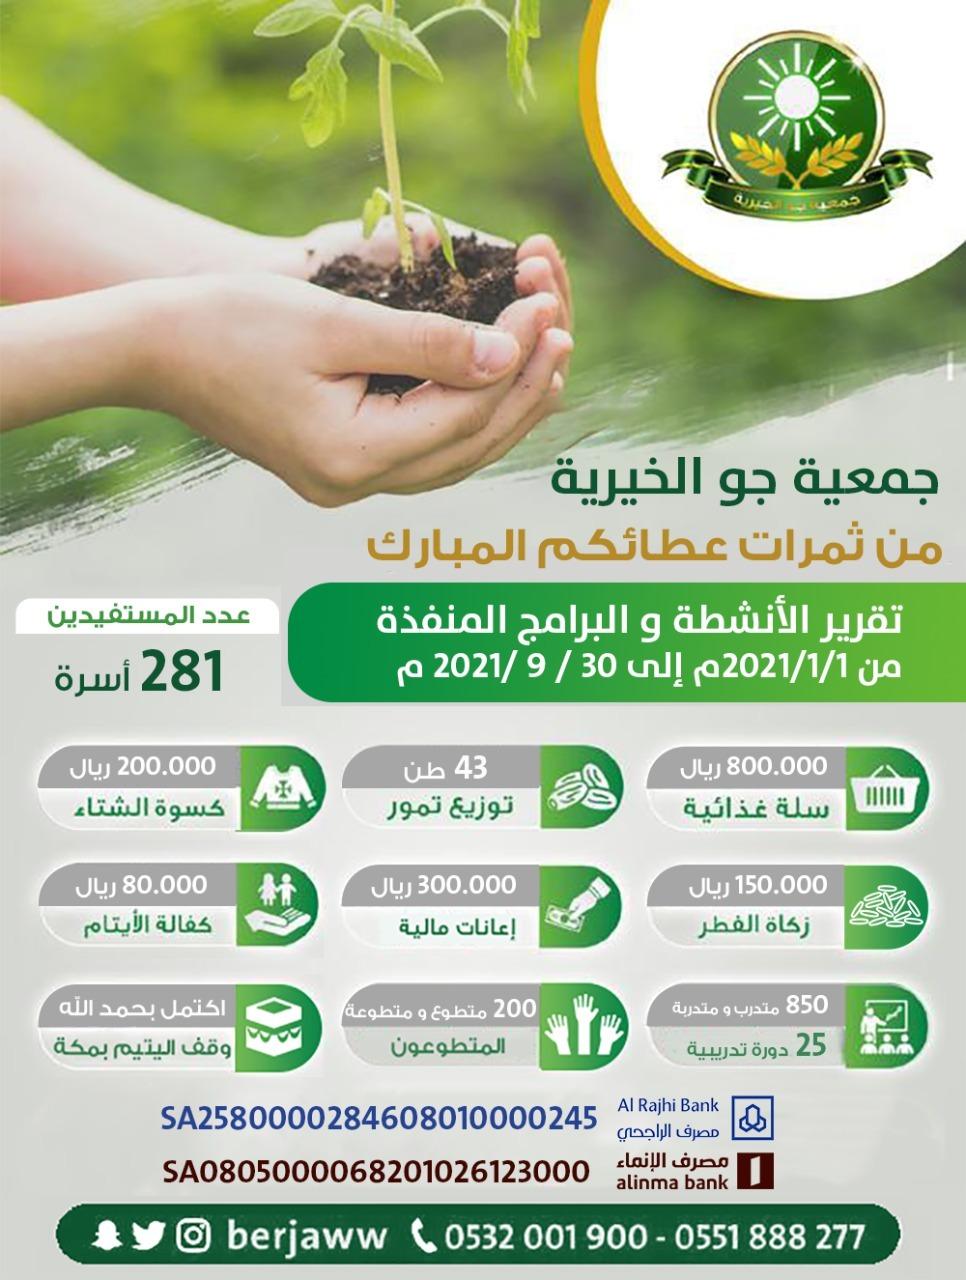 تقرير الأنشطة والبرامج .. التي نفذتها جمعية جو الخيرية - 3